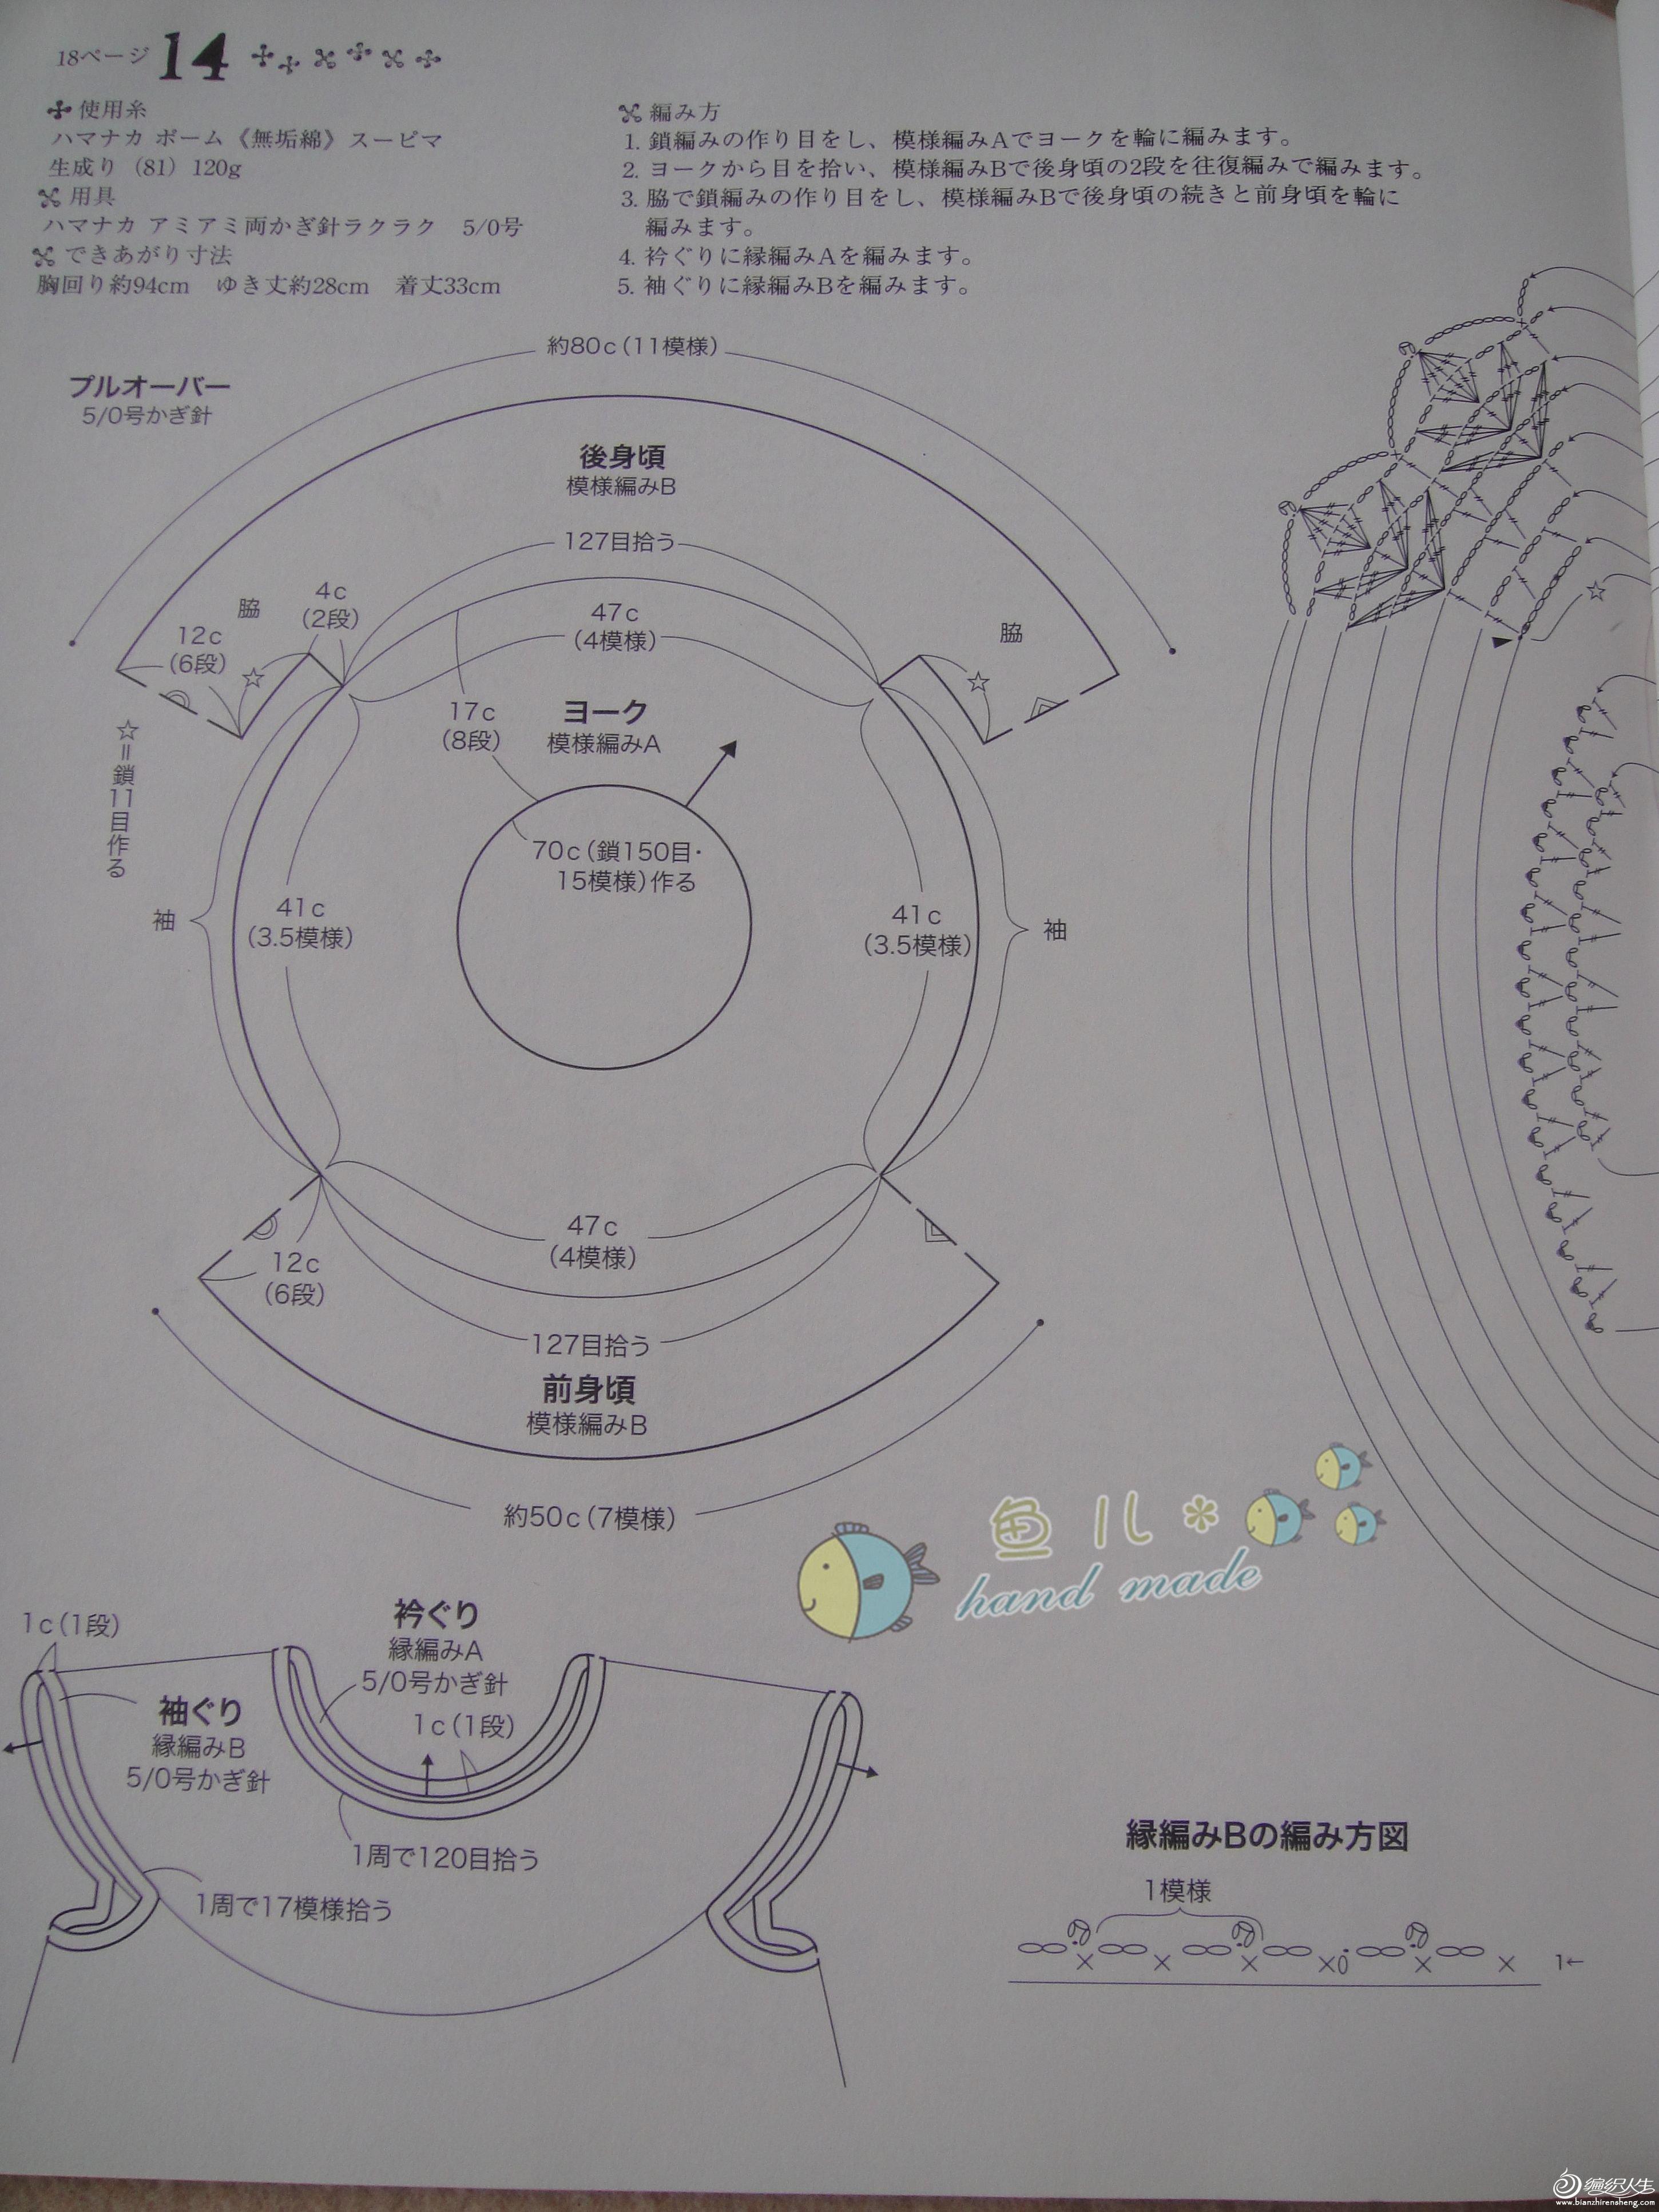 雏菊图解2-1.jpg